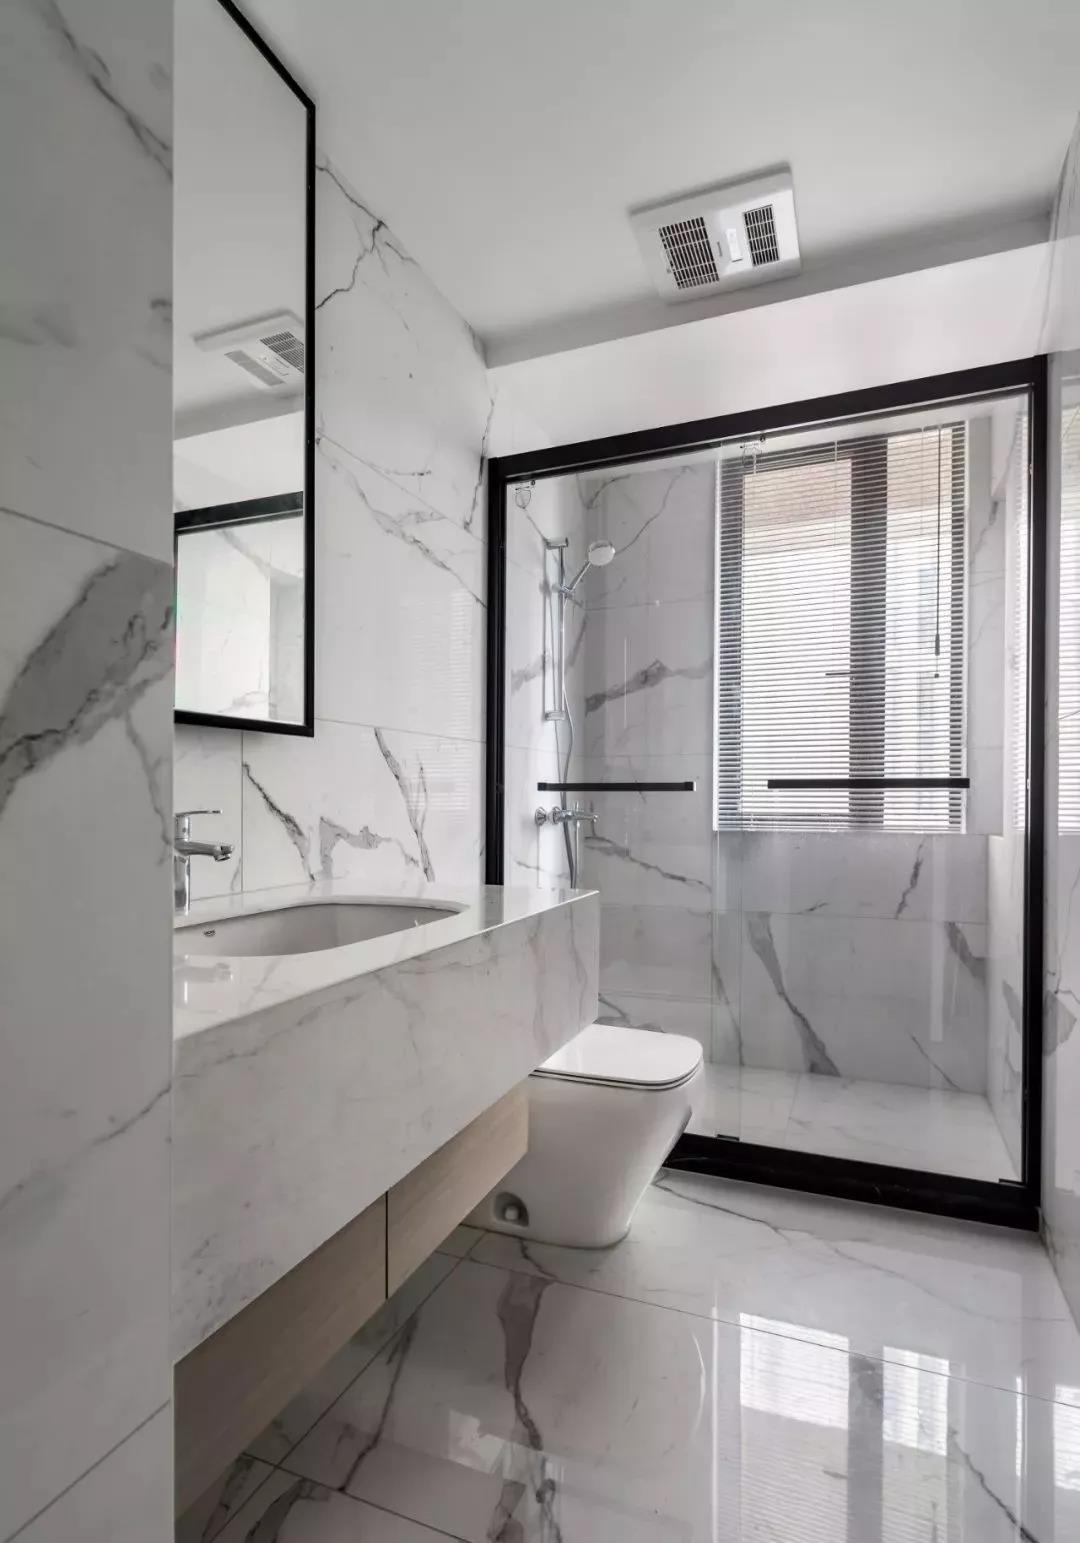 2020現代簡約衛生間裝修圖片 2020現代簡約浴室柜裝修圖片